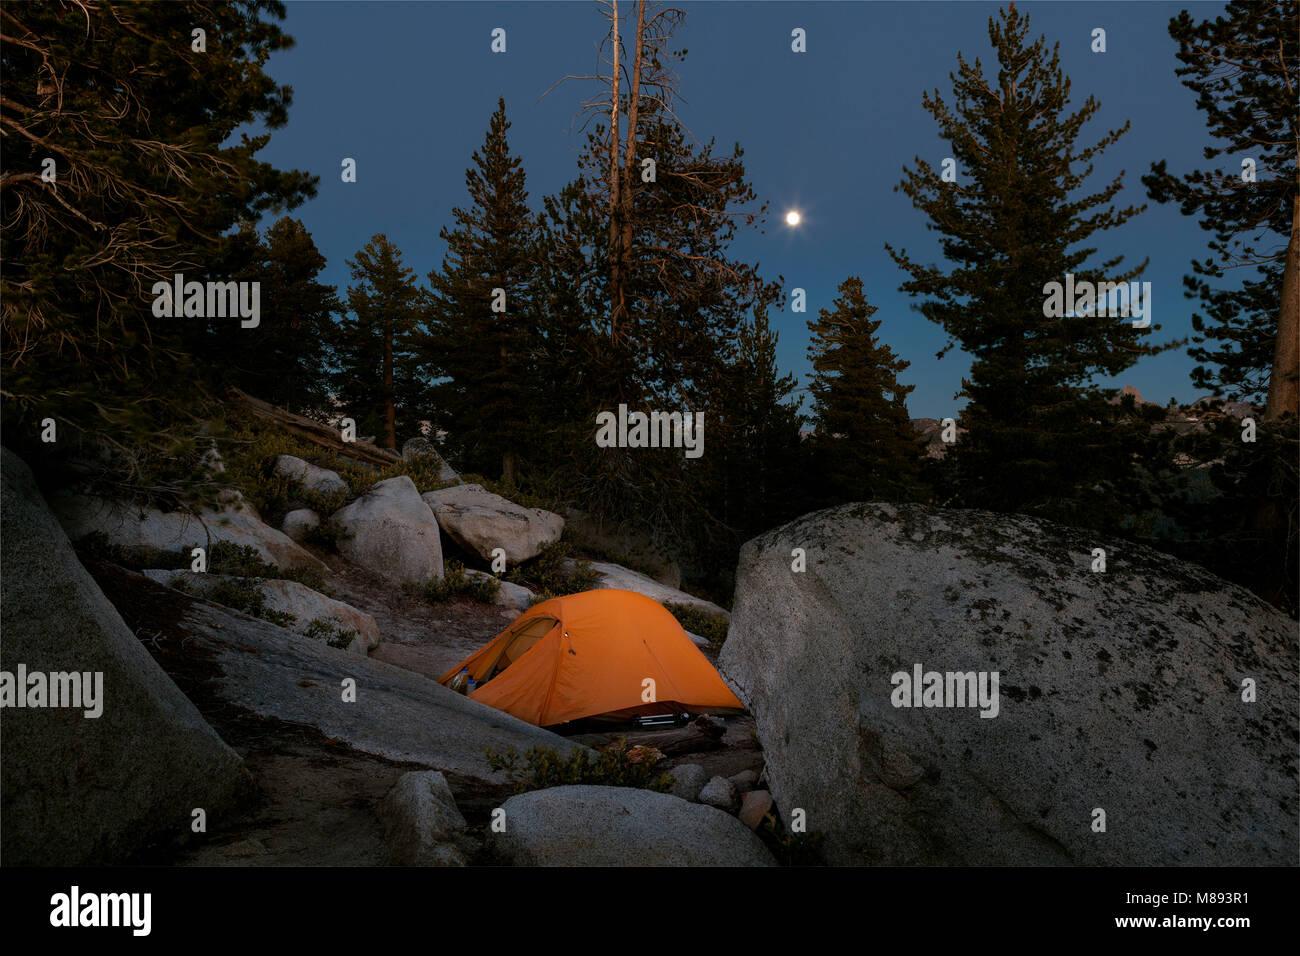 CA 02873-00 ... Kalifornien - Mondaufgang über Campingplatz unter Wolken Rest in Yosemite National Park. Stockbild